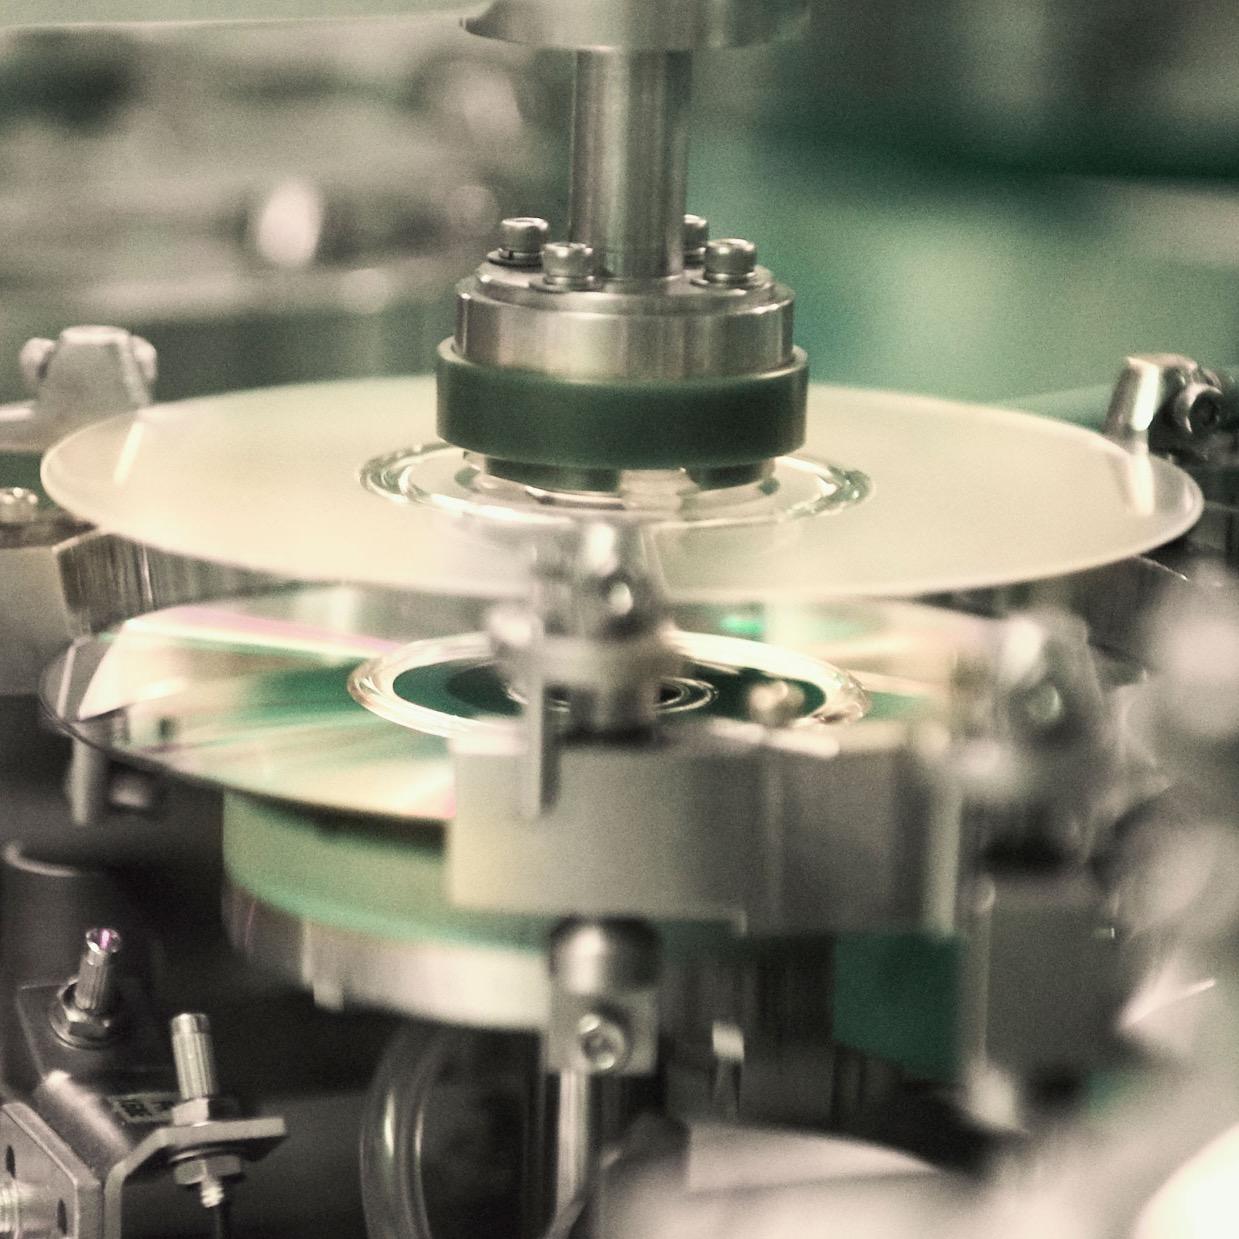 DUPLISERING AV OPTISKE MEDIER - Duplisering av bluray og DVD med hurtiglevering